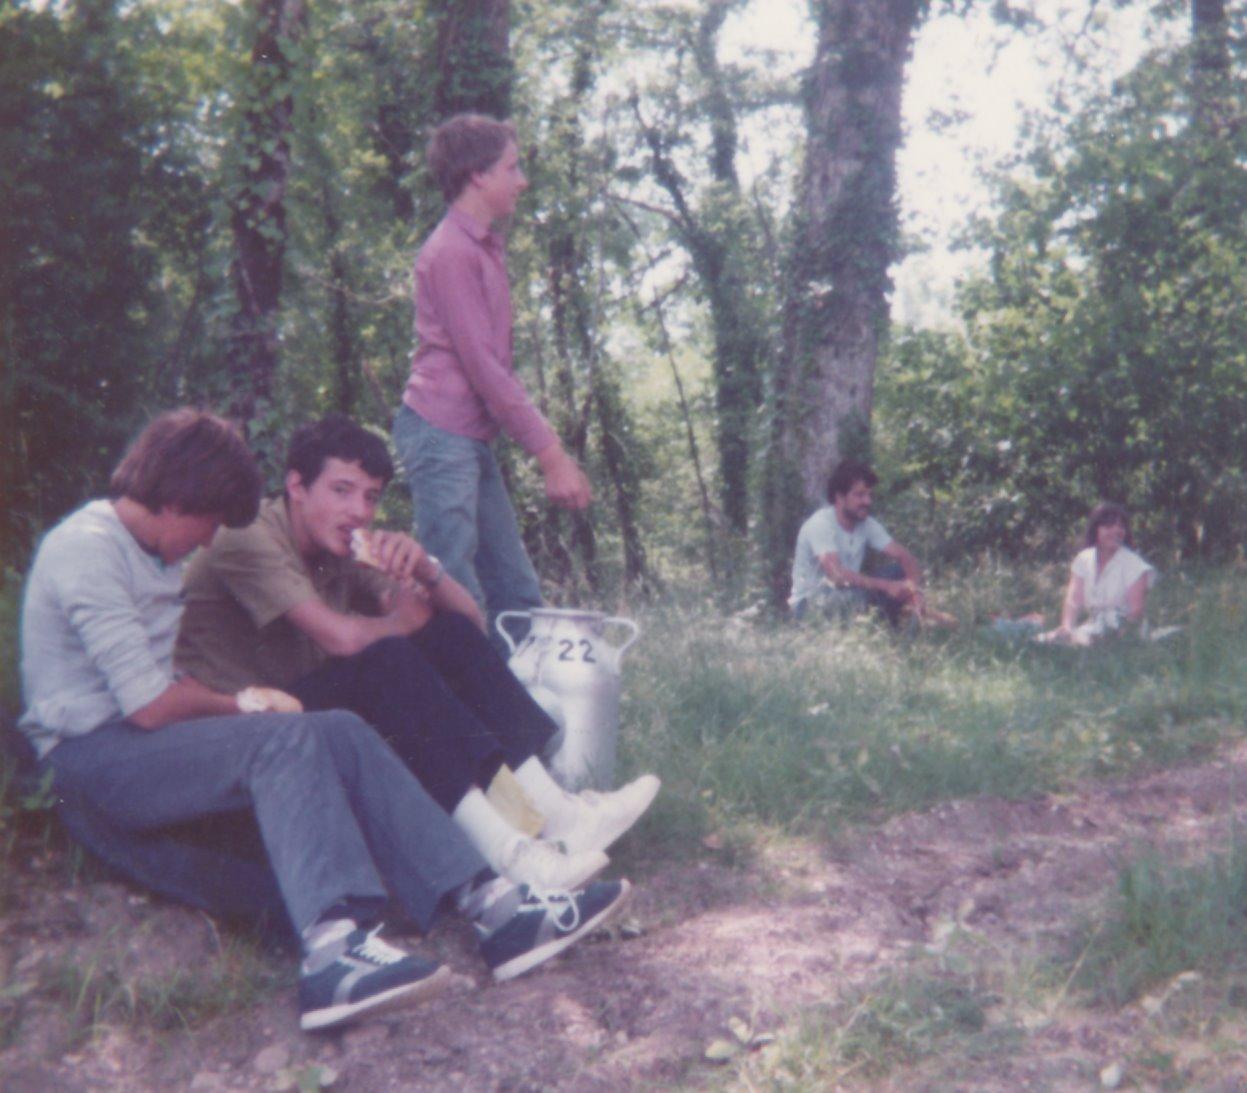 Archives anciens élèves mfr puy-sec 1982 (5)